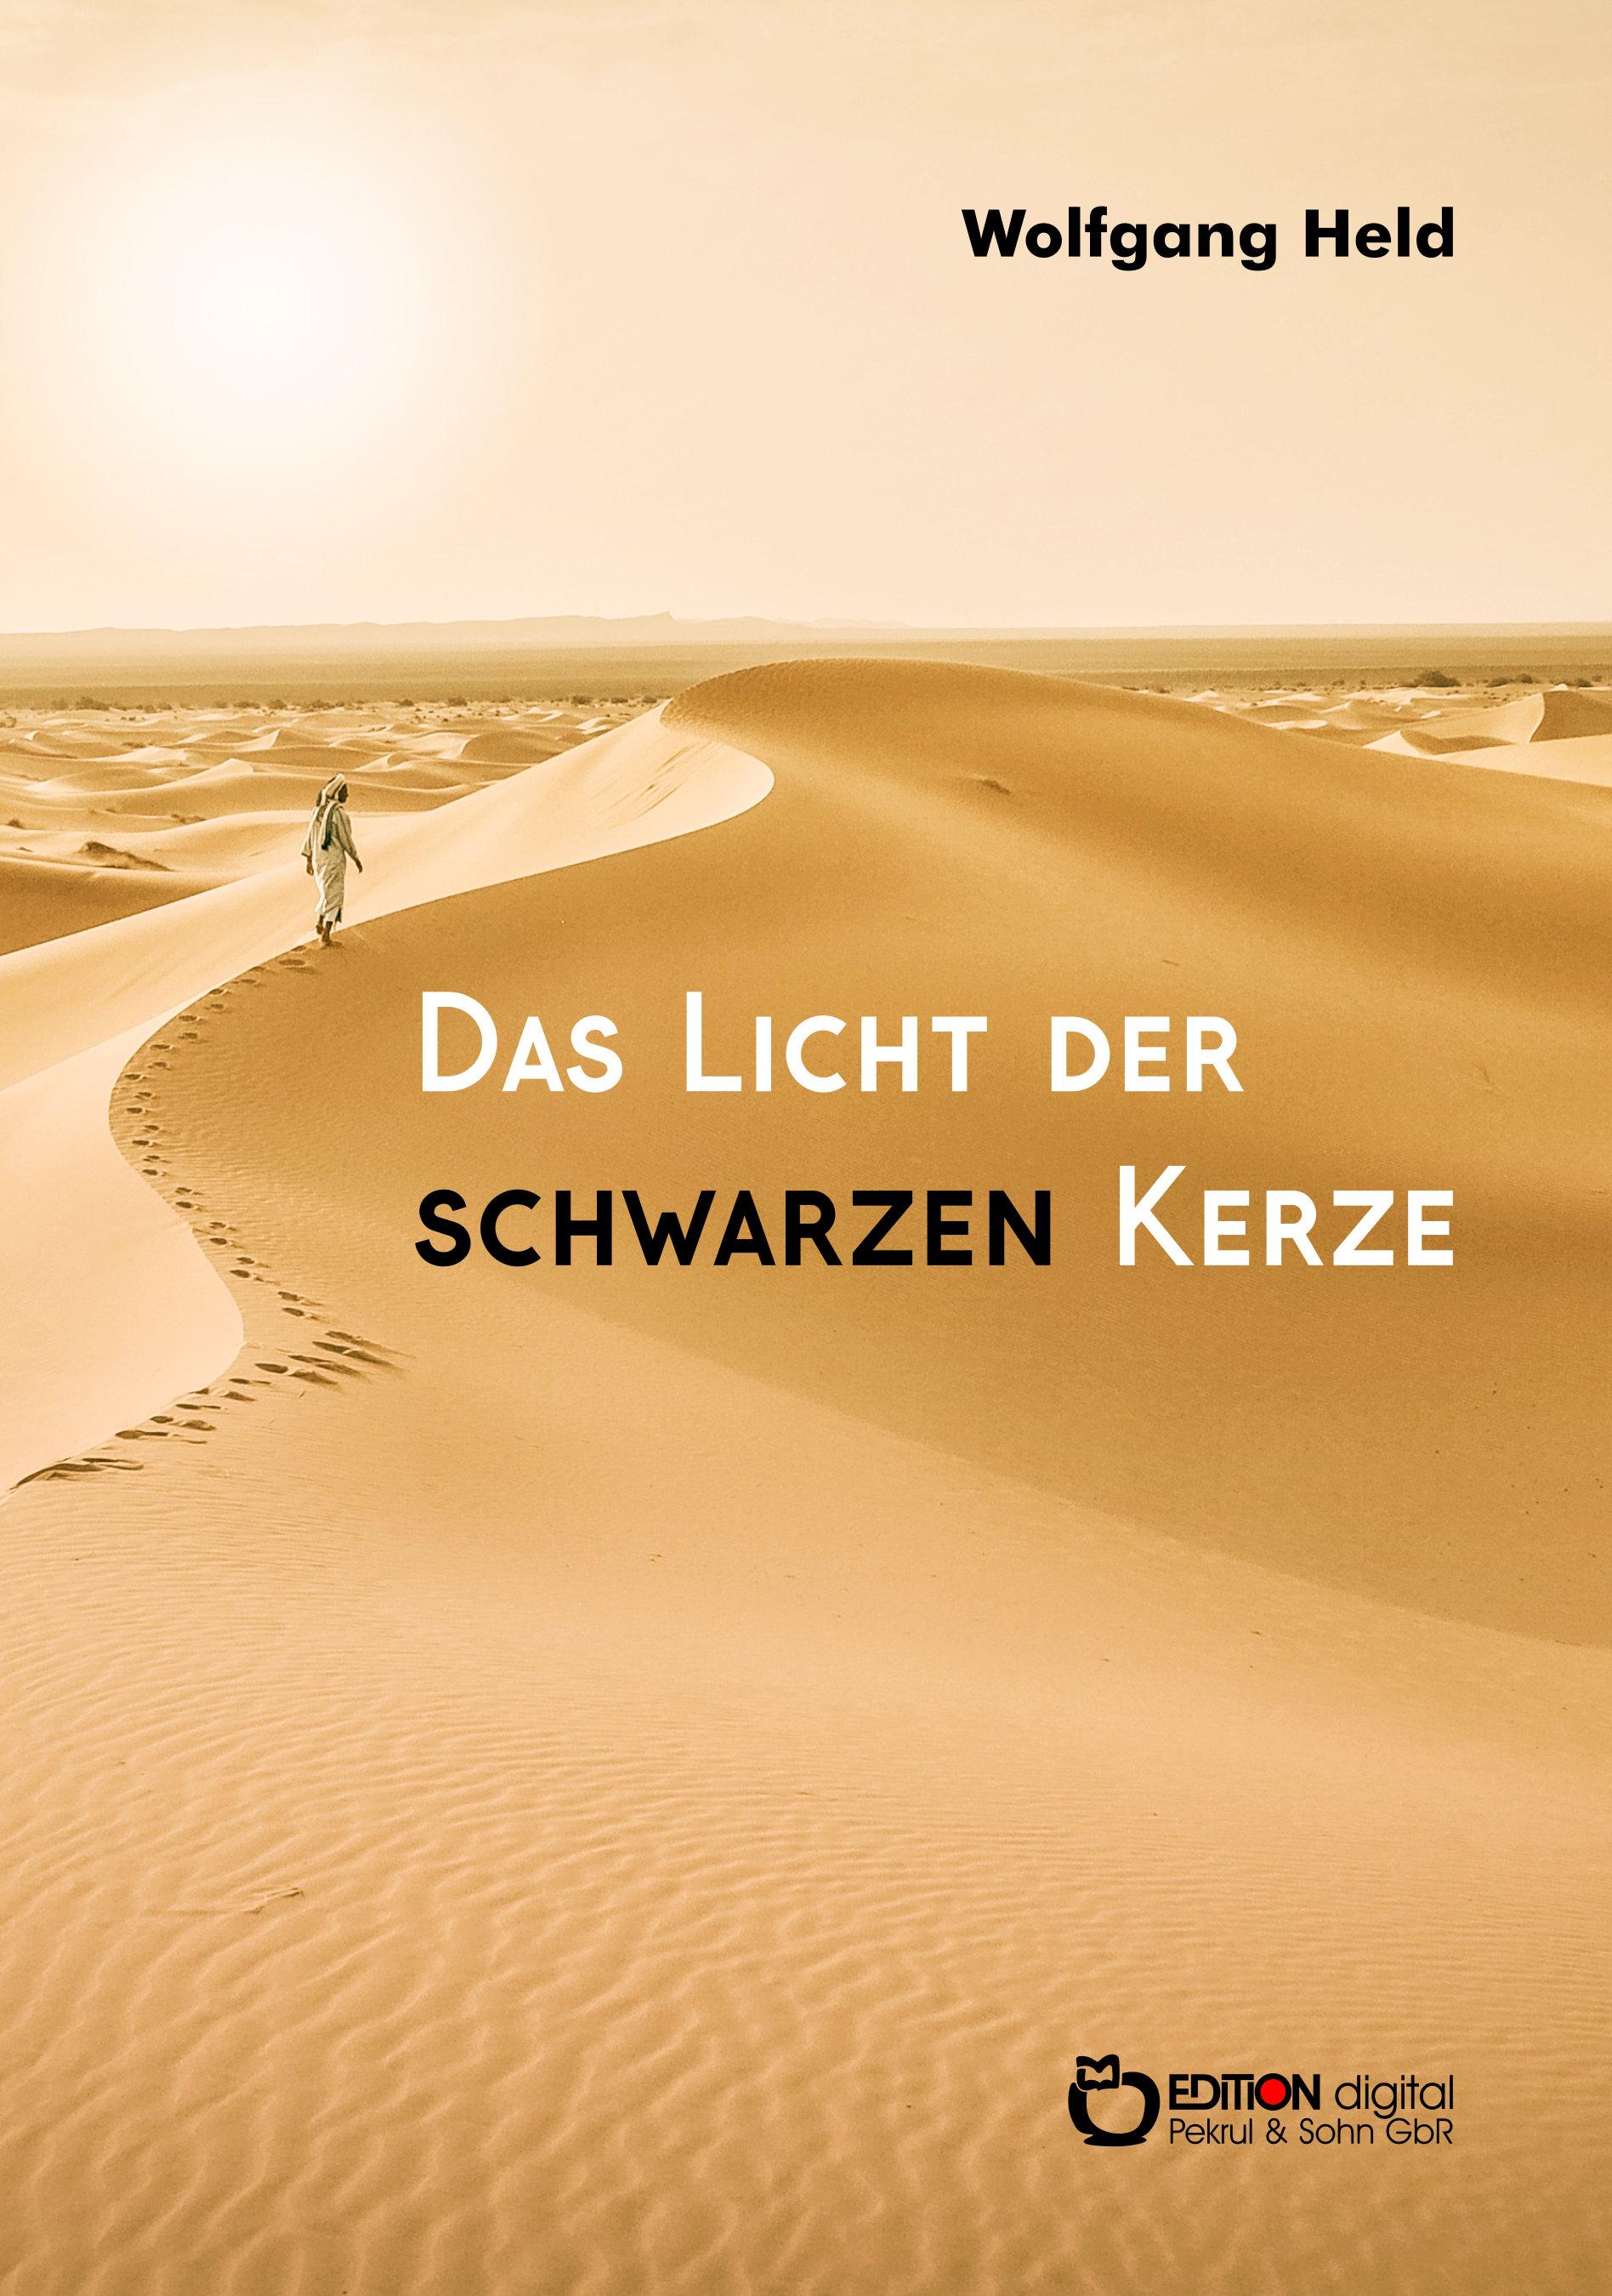 Das Licht der schwarzen Kerze von Wolfgang Held